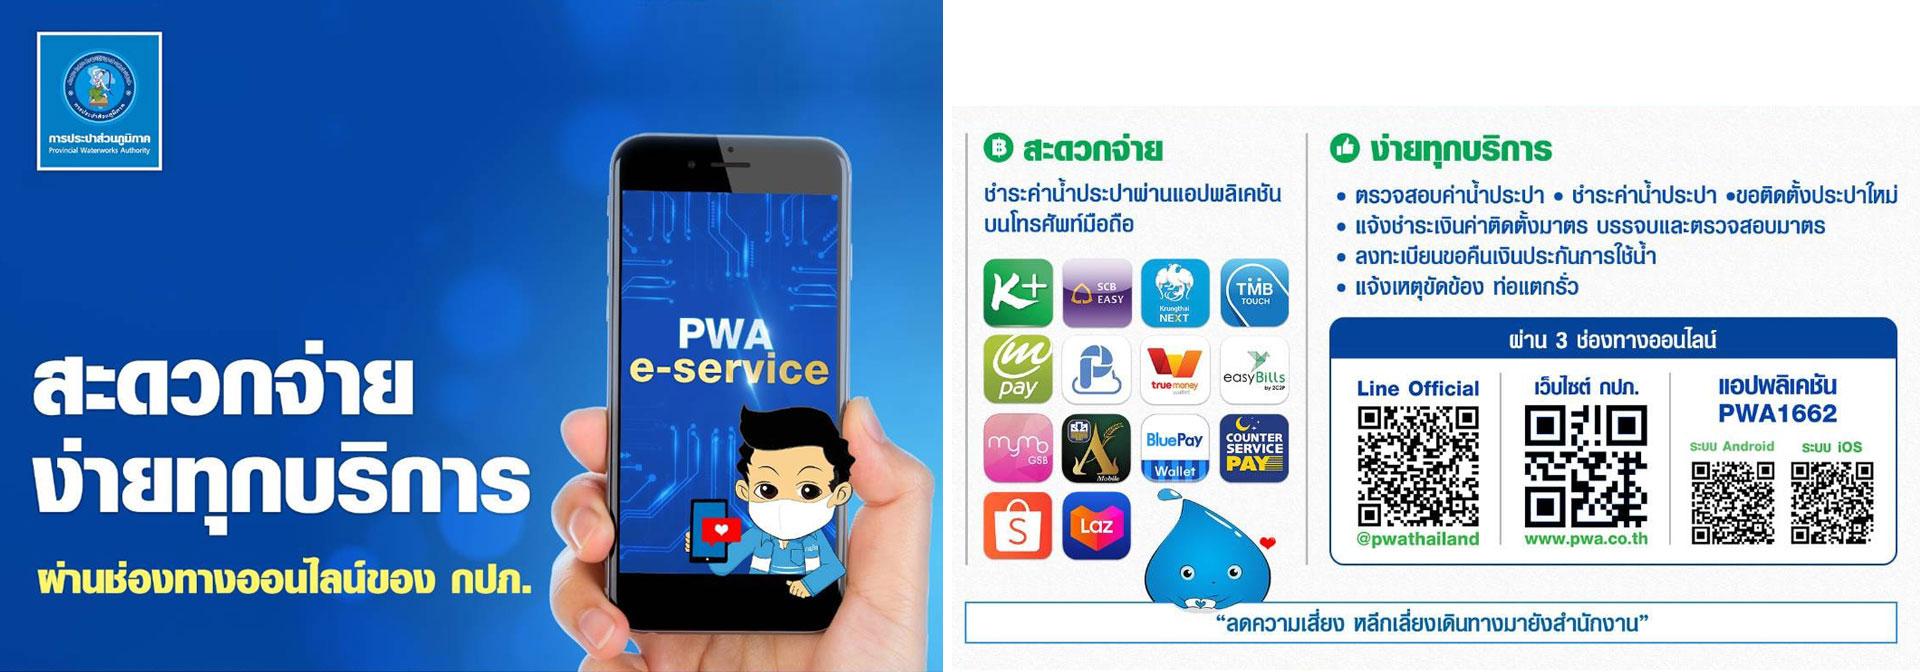 PWA e-service สะดวกจ่าย ง่ายทุกบริการ ผ่านช่องทางออนไลน์ของ กปภ.